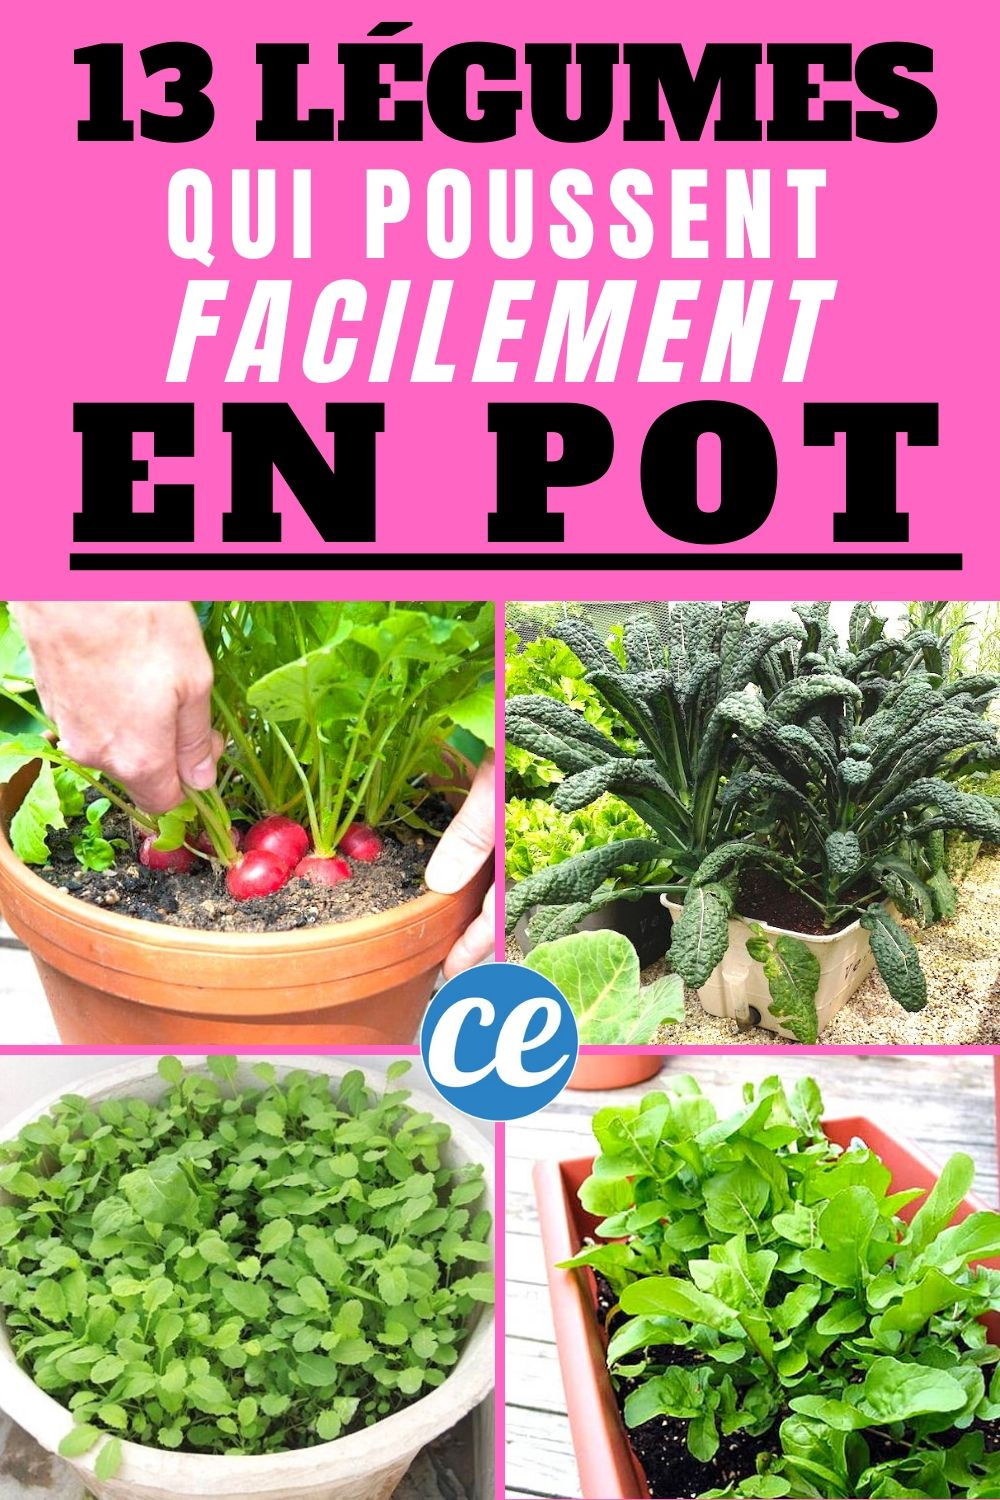 Les 13 Légumes Les Plus Faciles (et Rapides) à Faire